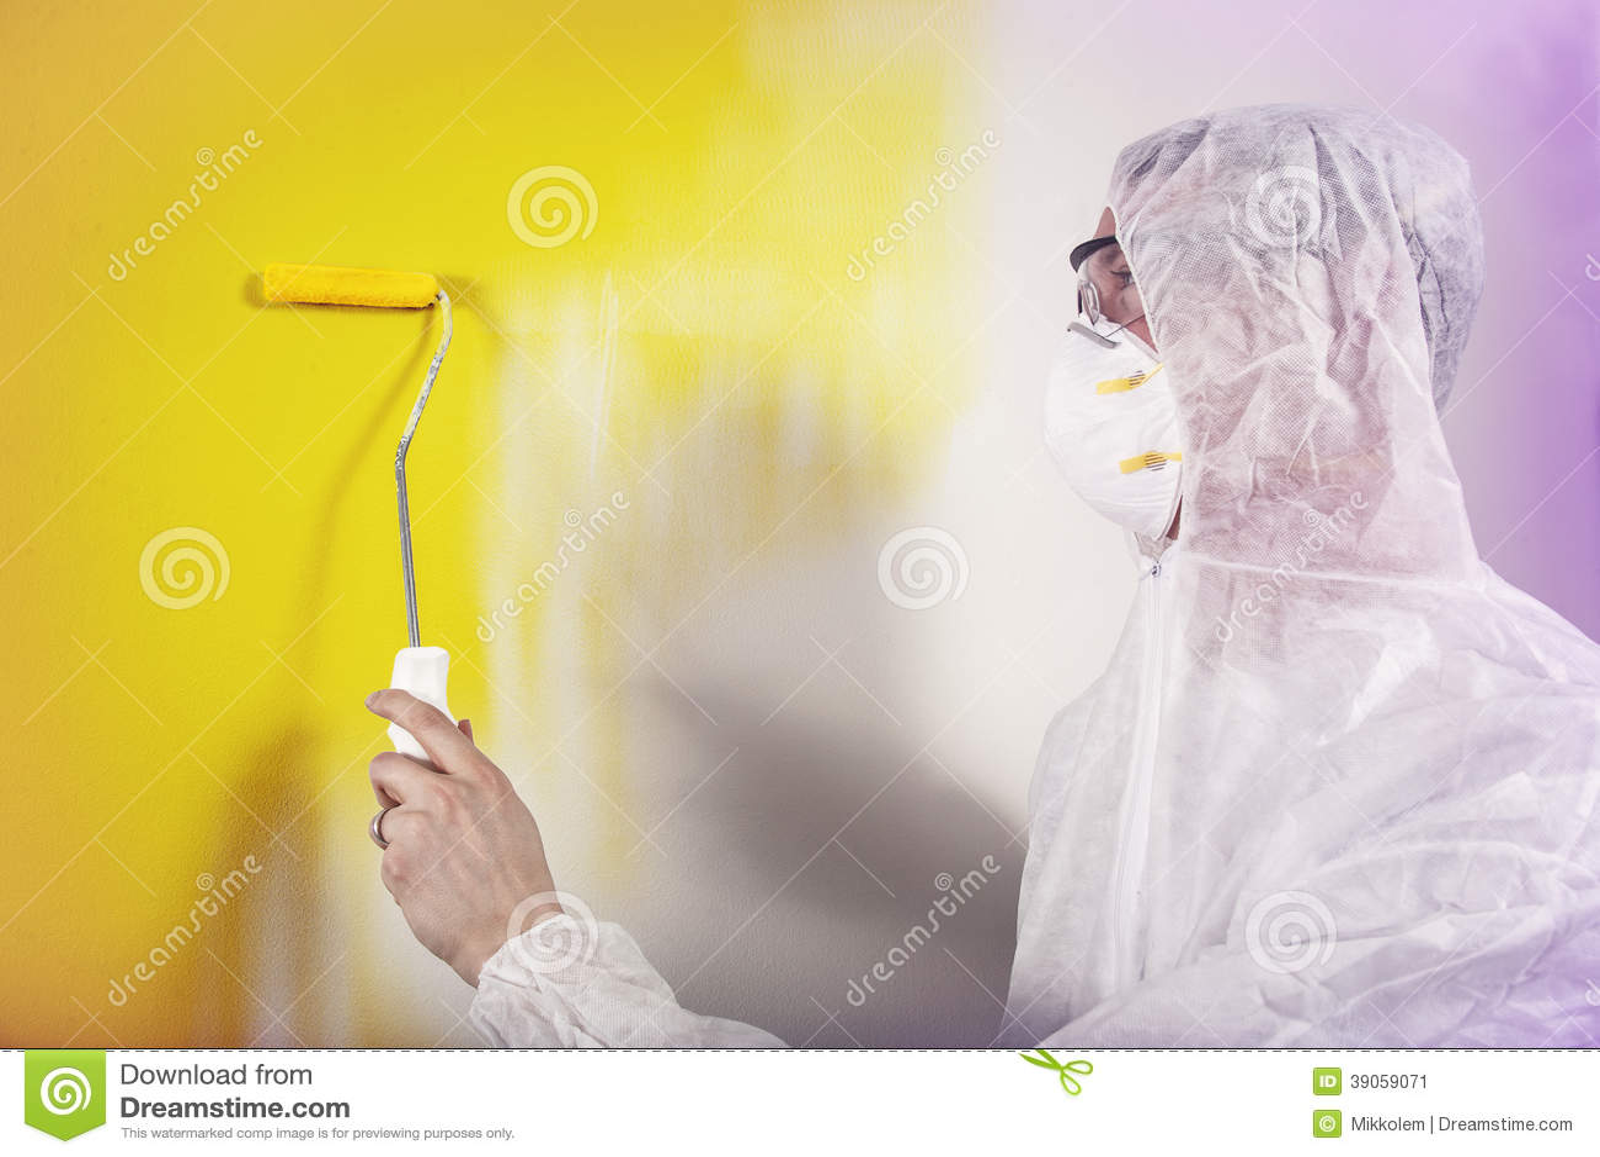 Combinaisons de port de mur de peinture de peintre photo stock image 39059071 - Retouche peinture mur ...